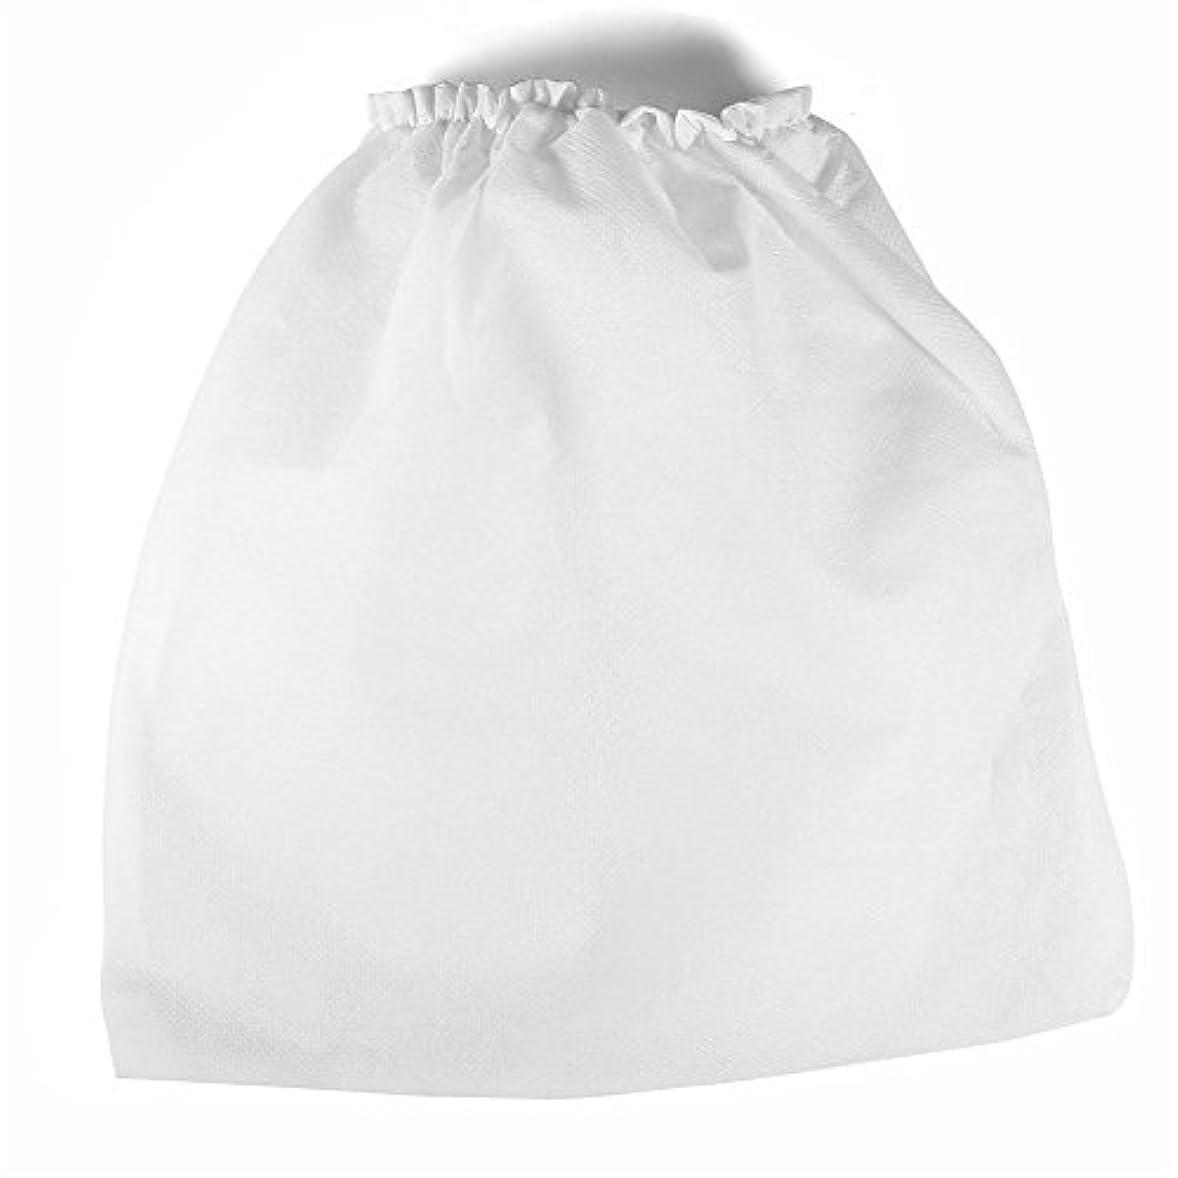 原始的な負担混乱10本の不織布掃除機の交換用バッグ